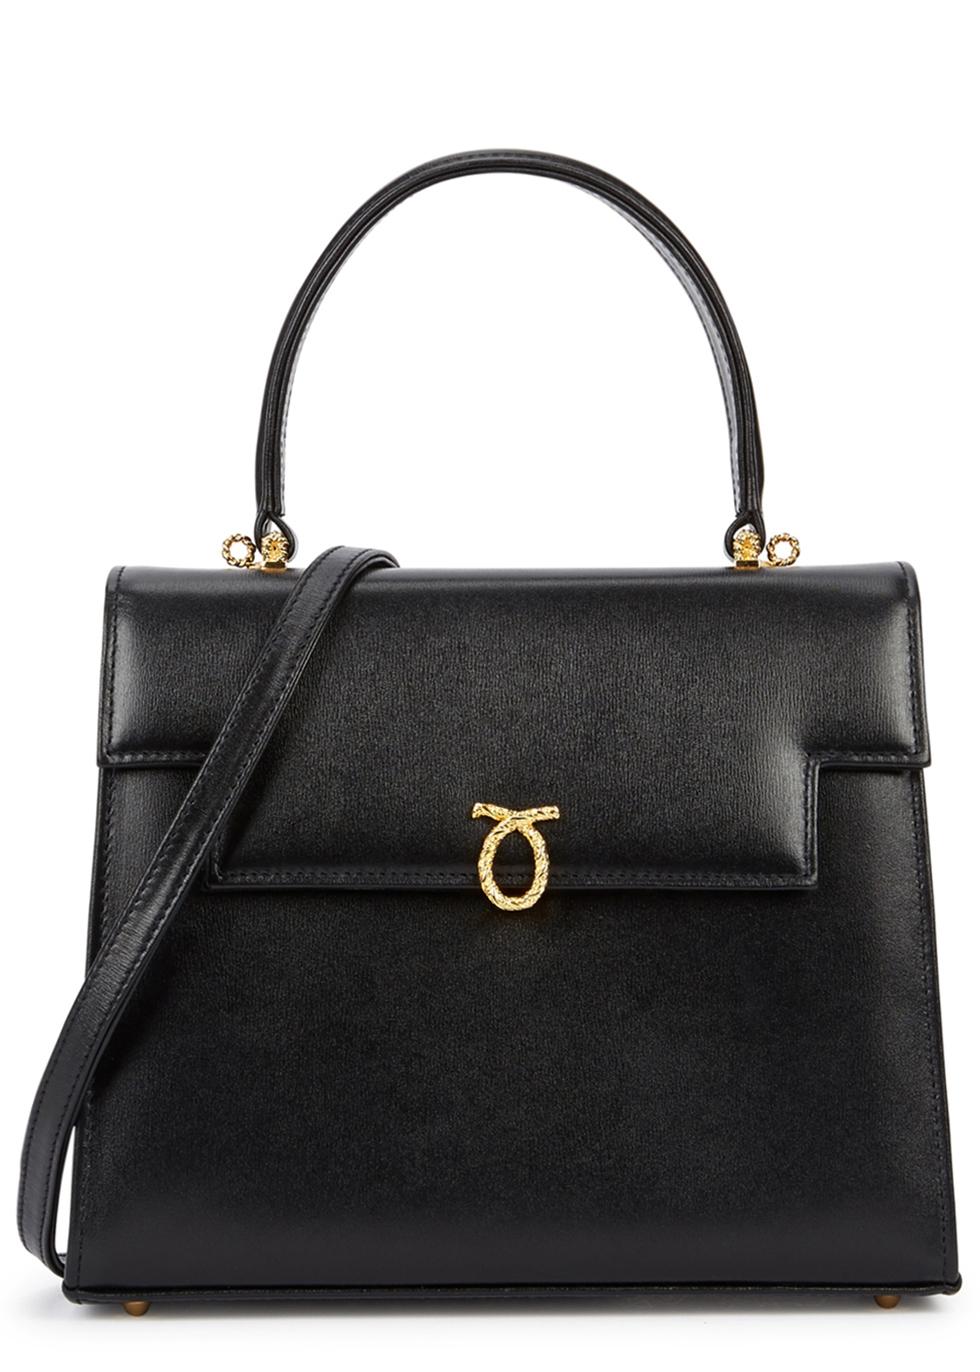 LAUNER Traviata Black Leather Shoulder Bag